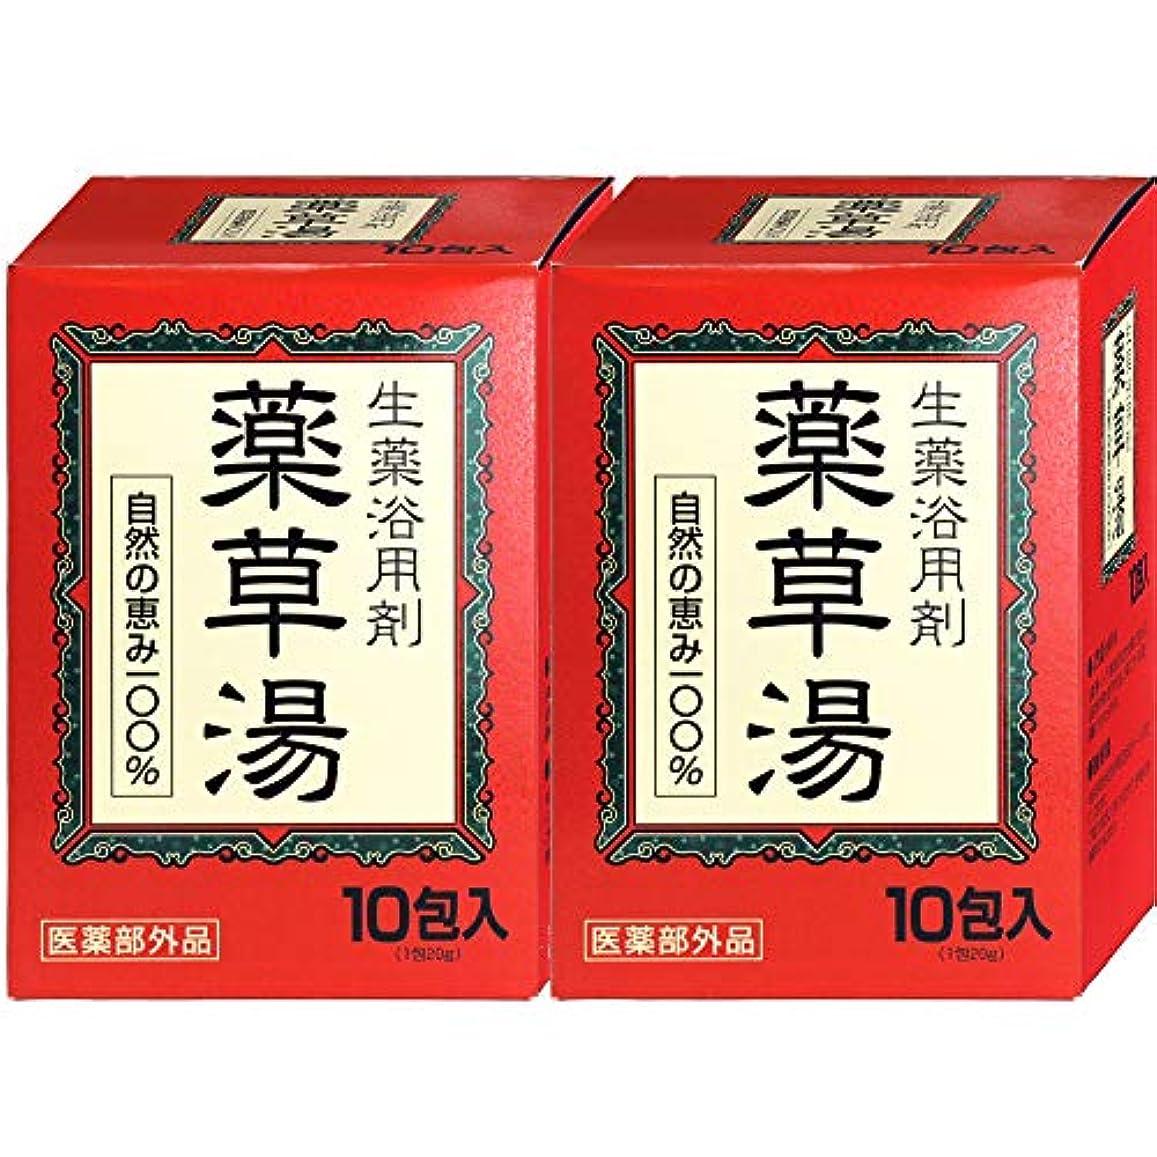 と遊ぶ輝度右薬草湯 生薬浴用剤 10包入 【2個セット】自然の恵み100% 医薬部外品